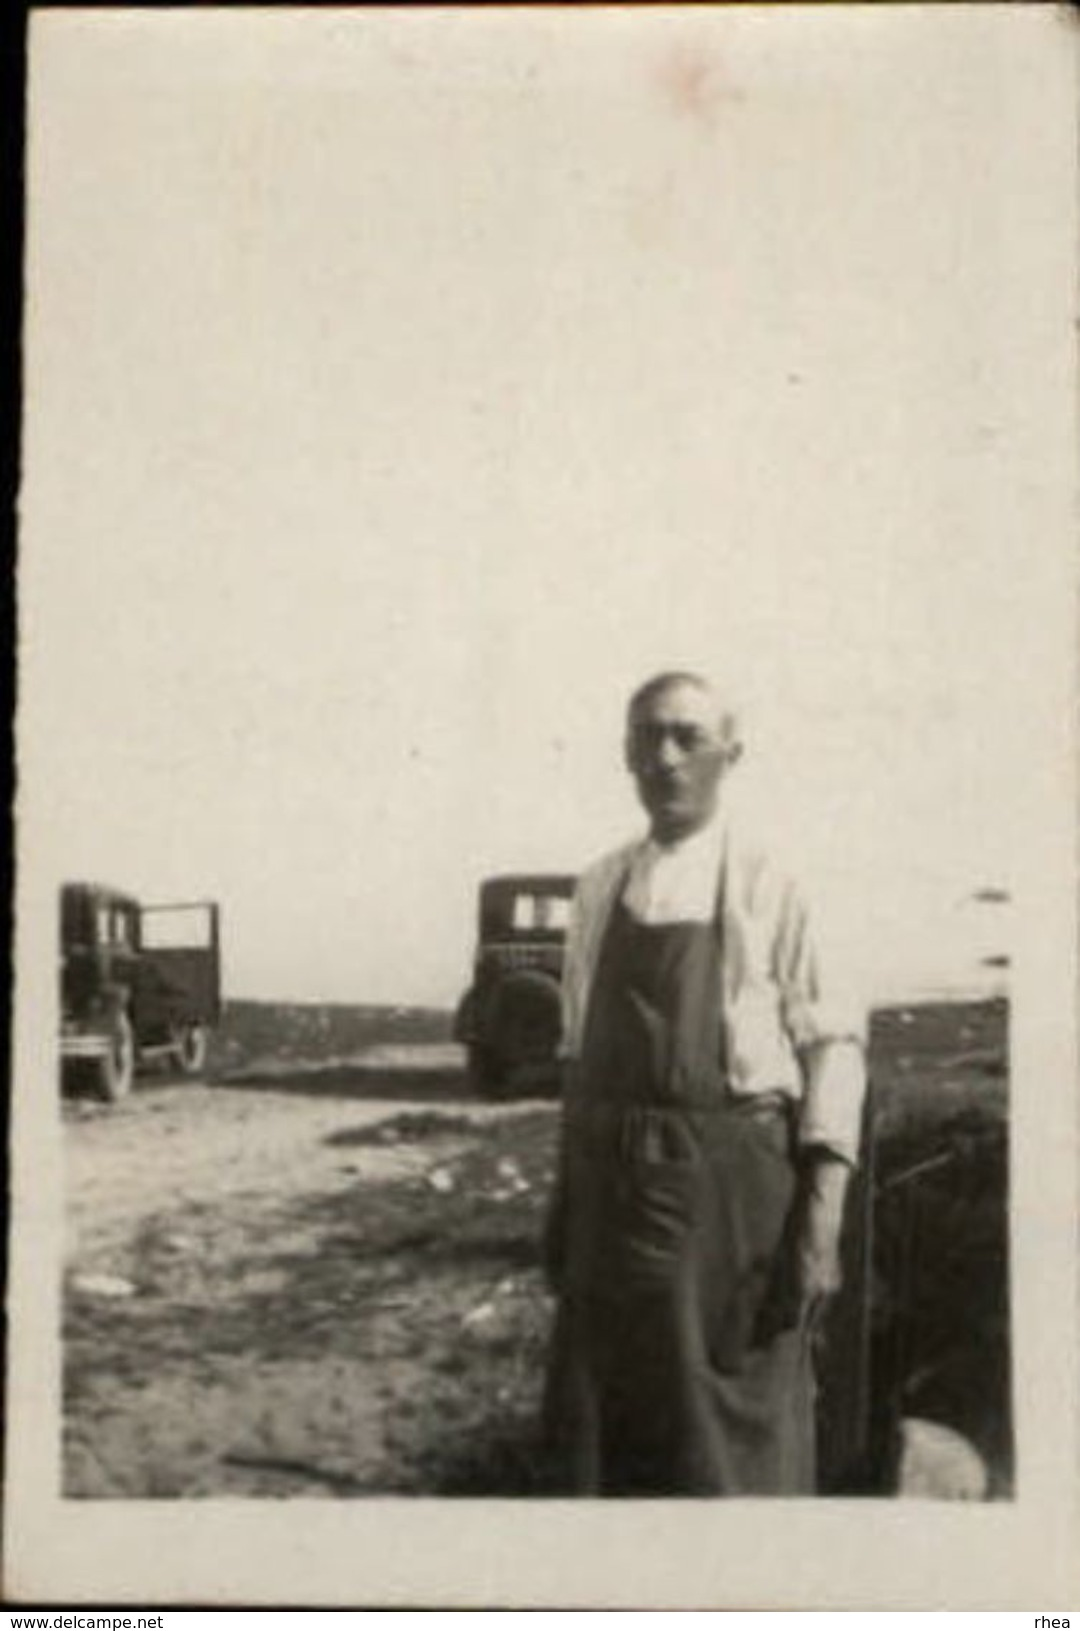 PHOTO - Brabant, Chauffeur De Clémenceau - 1930 - Personnes Identifiées